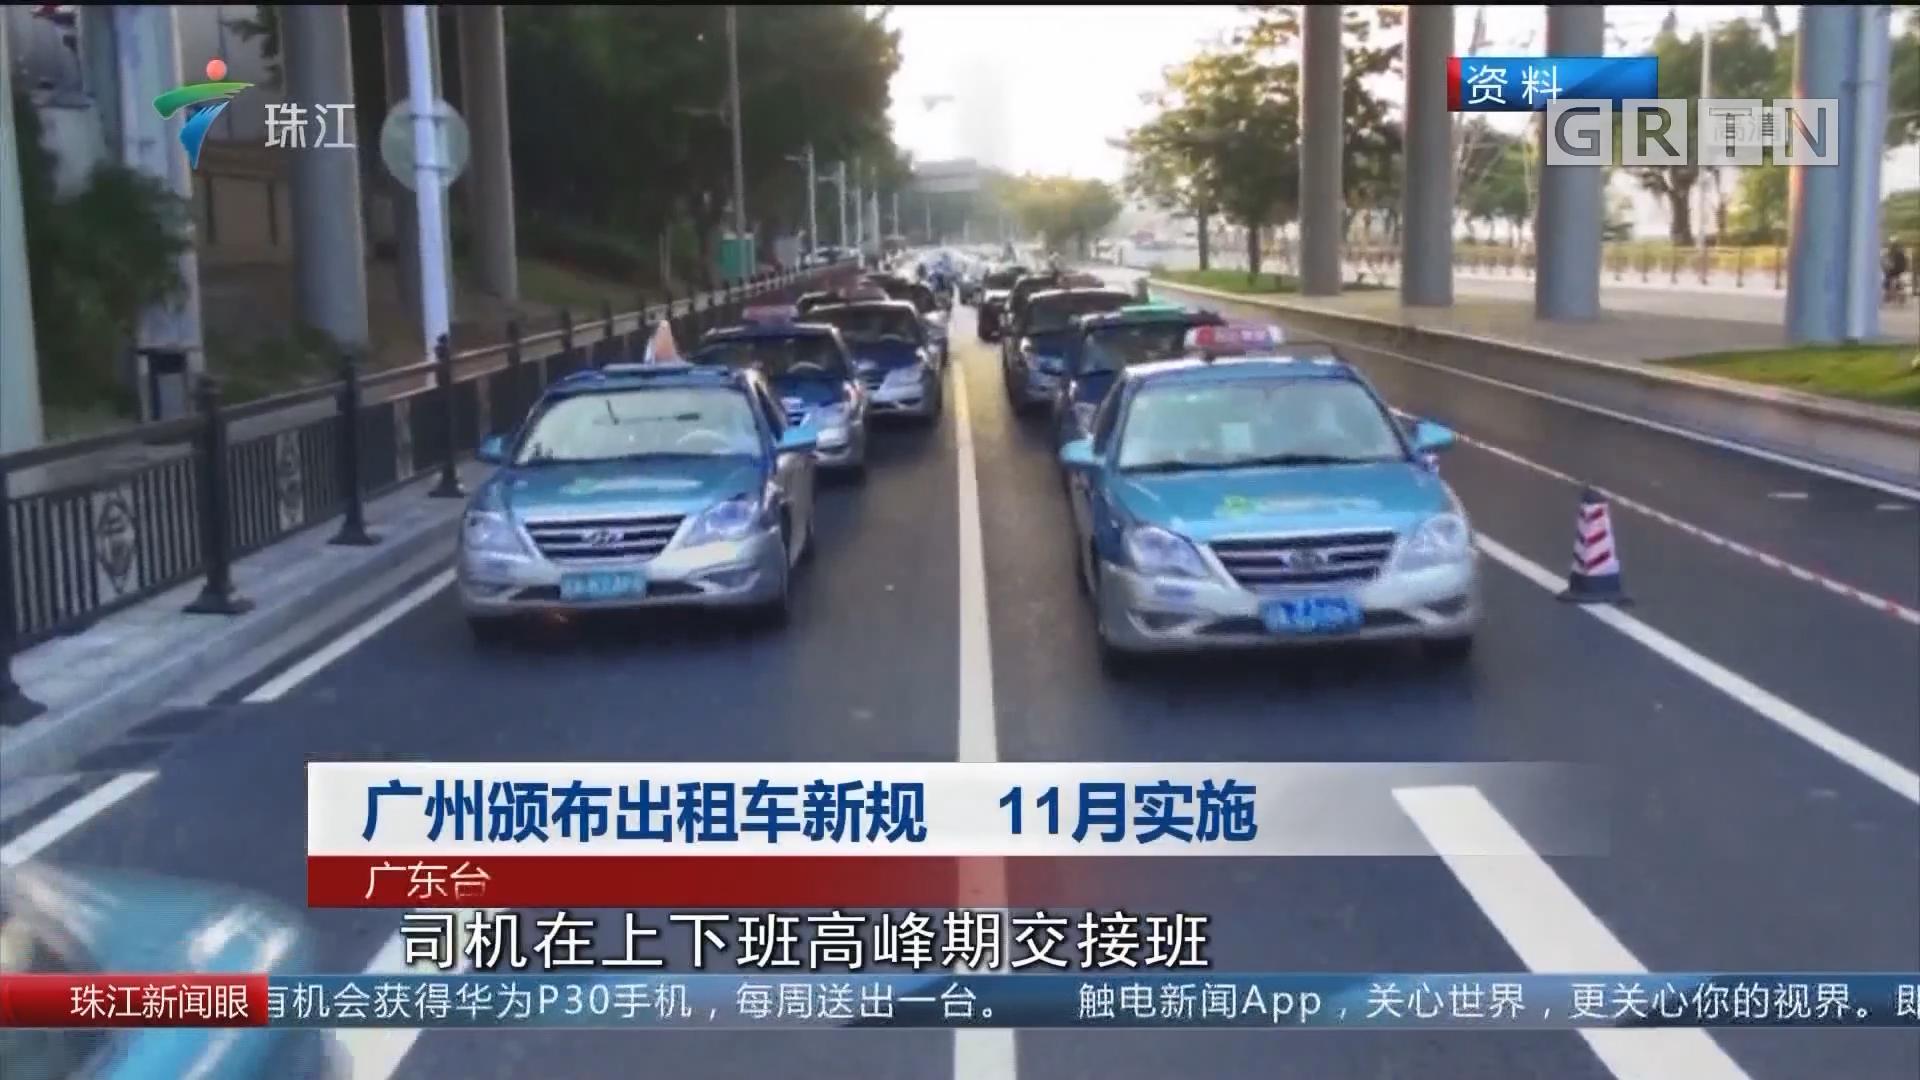 广州颁布出租车新规 11月实施